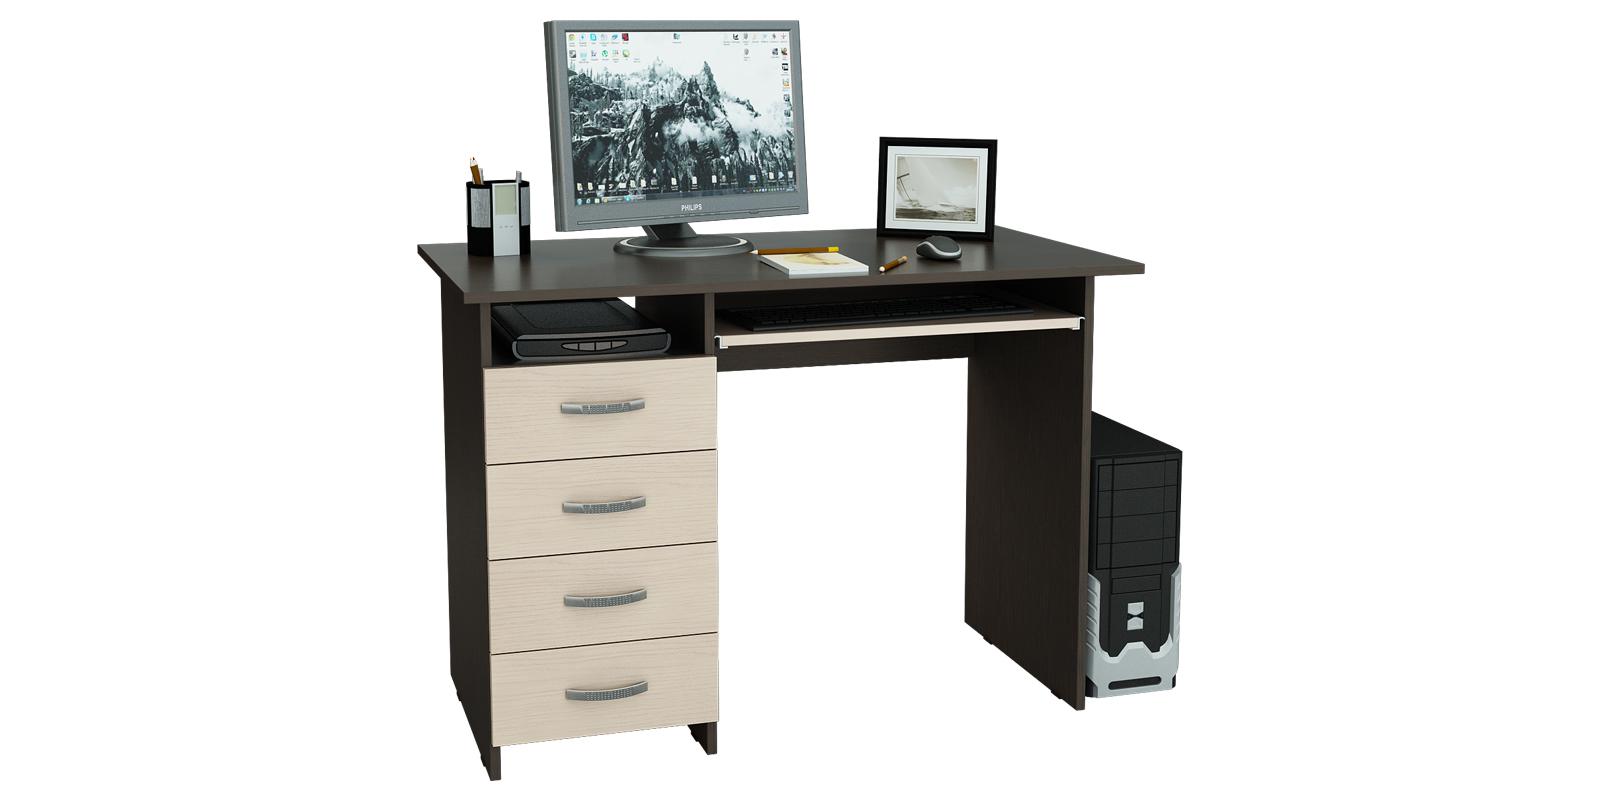 Стол компьютерный Харви левый (венге/дуб молочный)